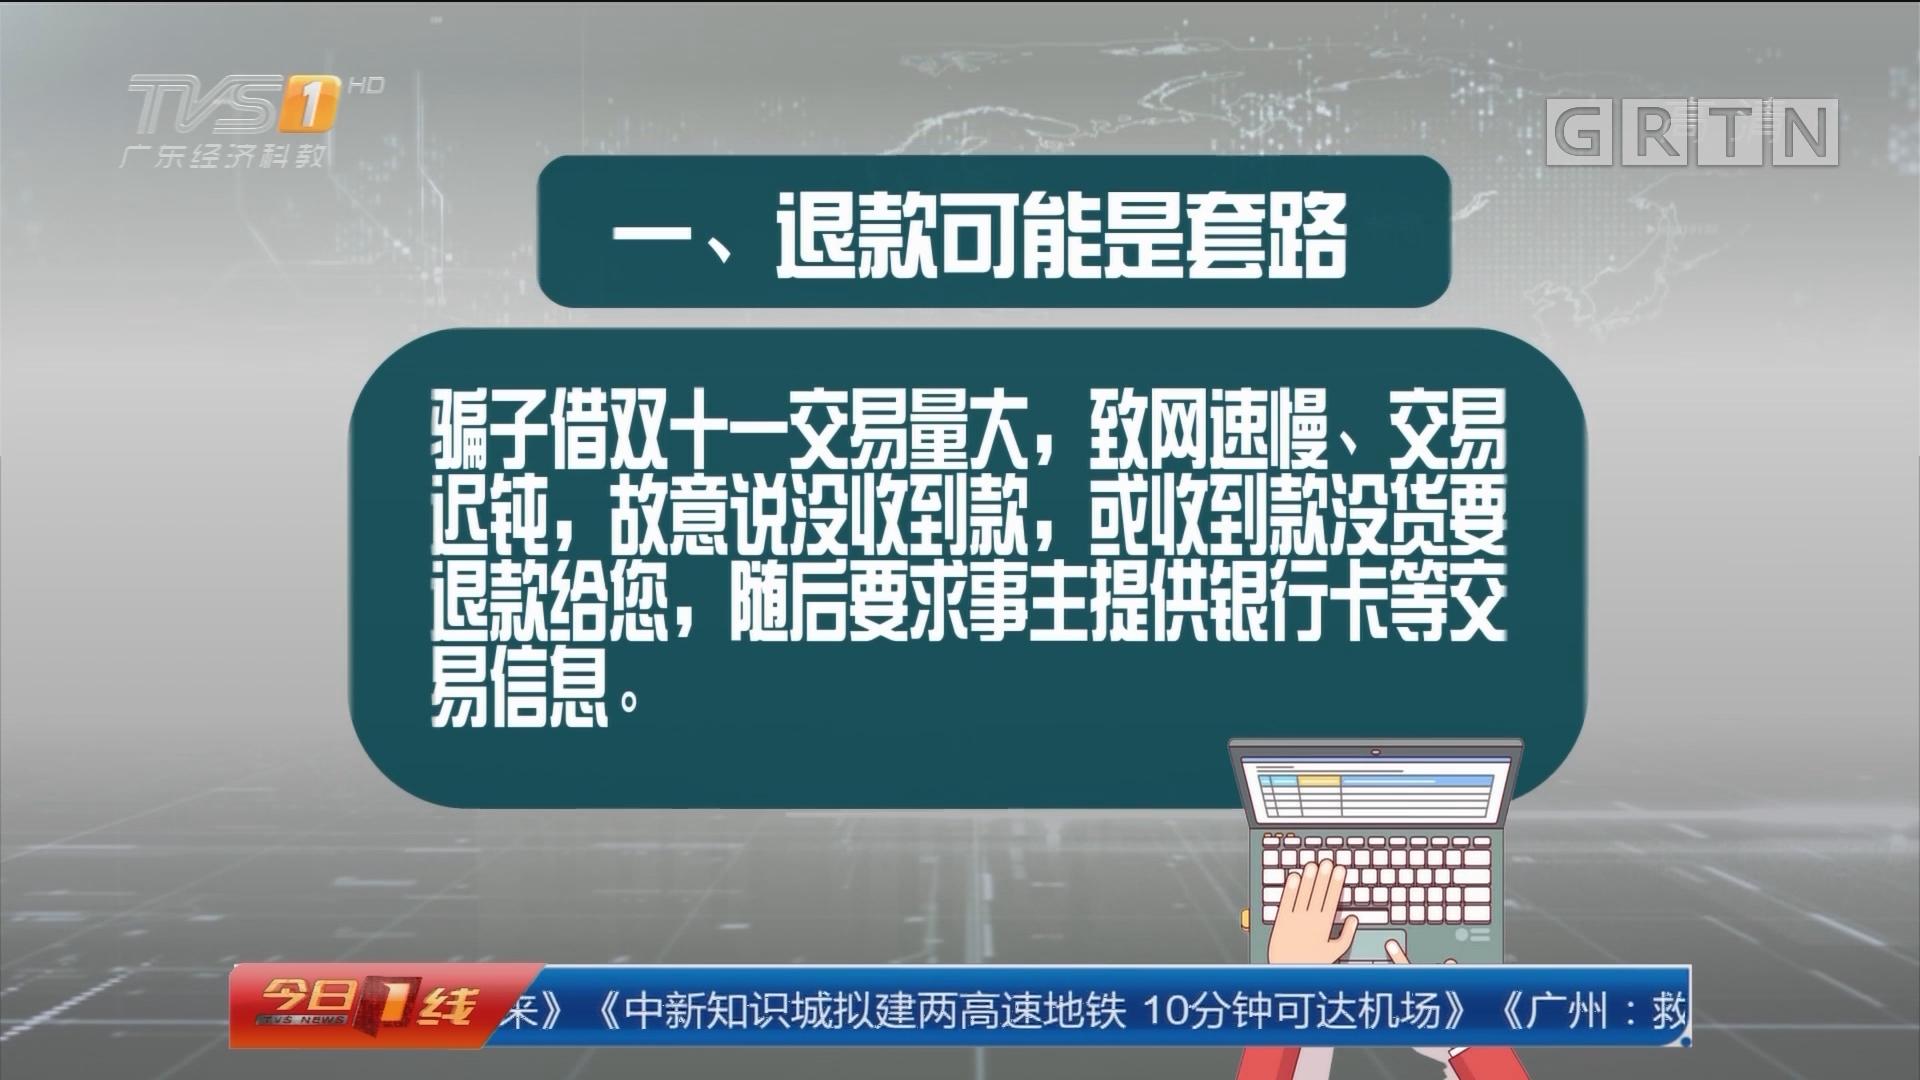 消费安全提醒:江门 购物退款商家多退一万?新型诈骗!